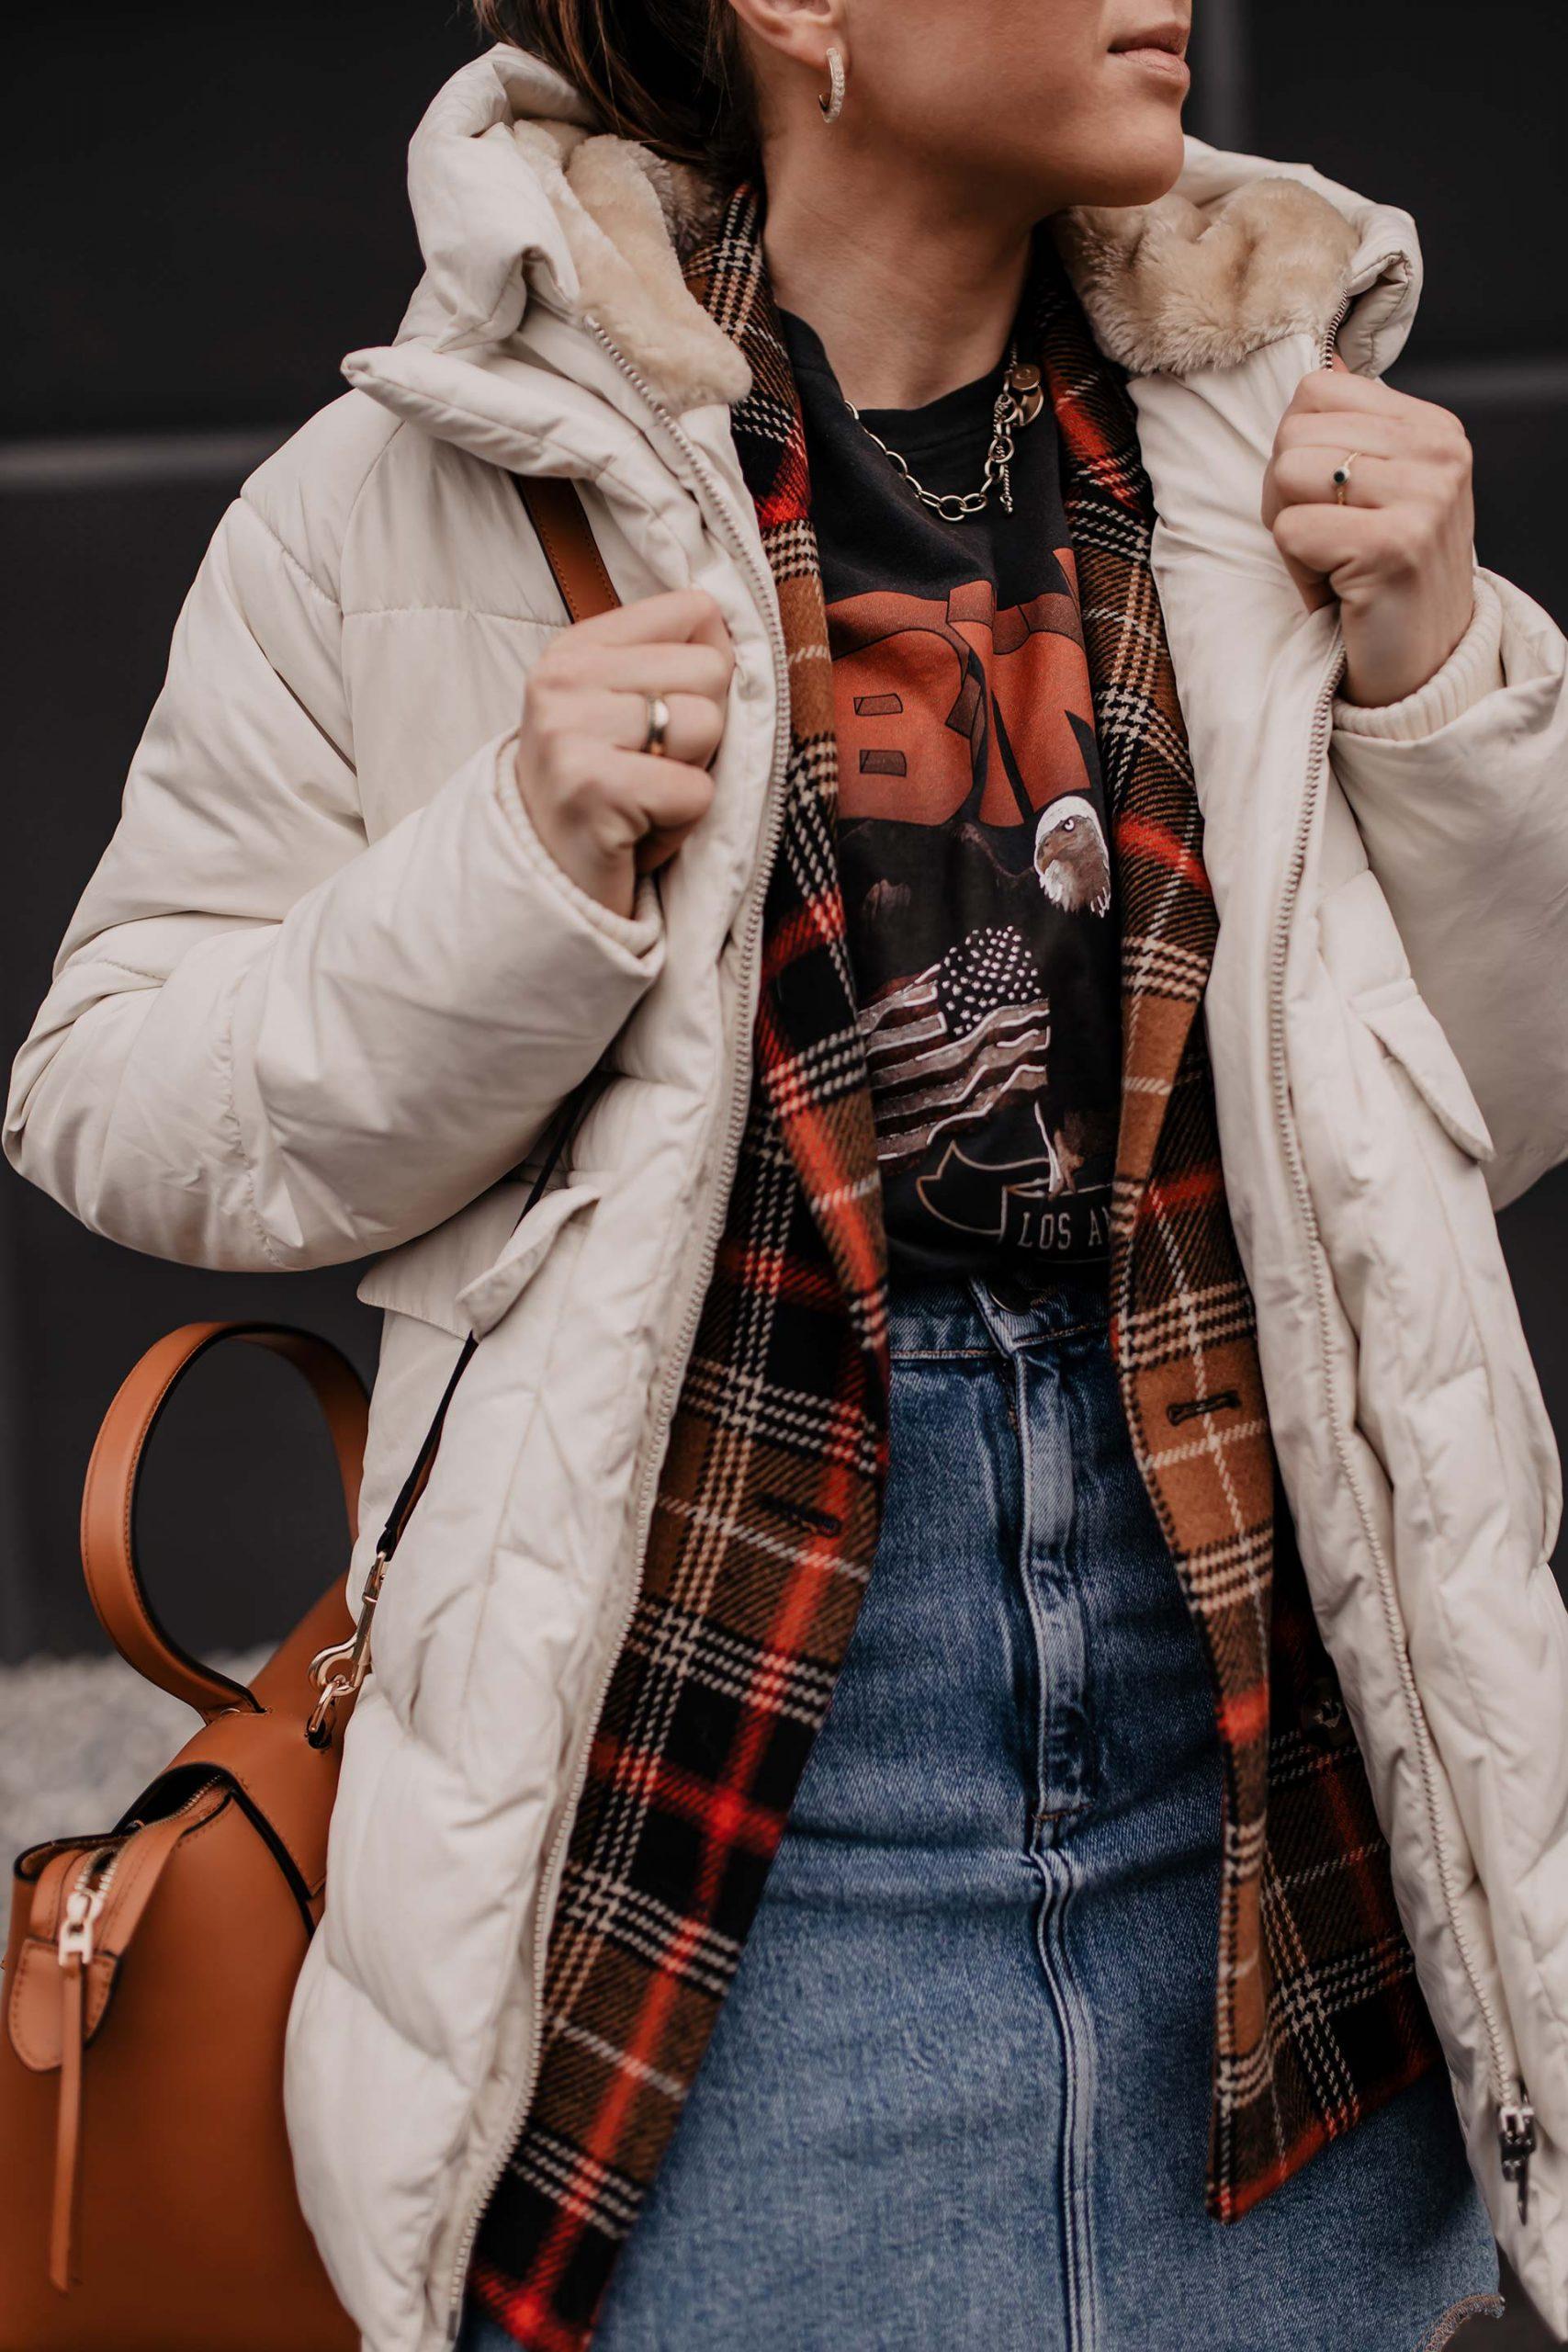 Am Modeblog gibt es heute 2 Outfits mit Jeansrock für dich zu entdecken. Ich zeige dir, wie gut sich ein Jeansrock im Winter kombinieren lässt und gebe dir Tipps, wo du die schönsten Denim Skirts online kaufen kannst. www.whoismocca.com #winteroutfits #jeansrock #modetrends #wintertrends